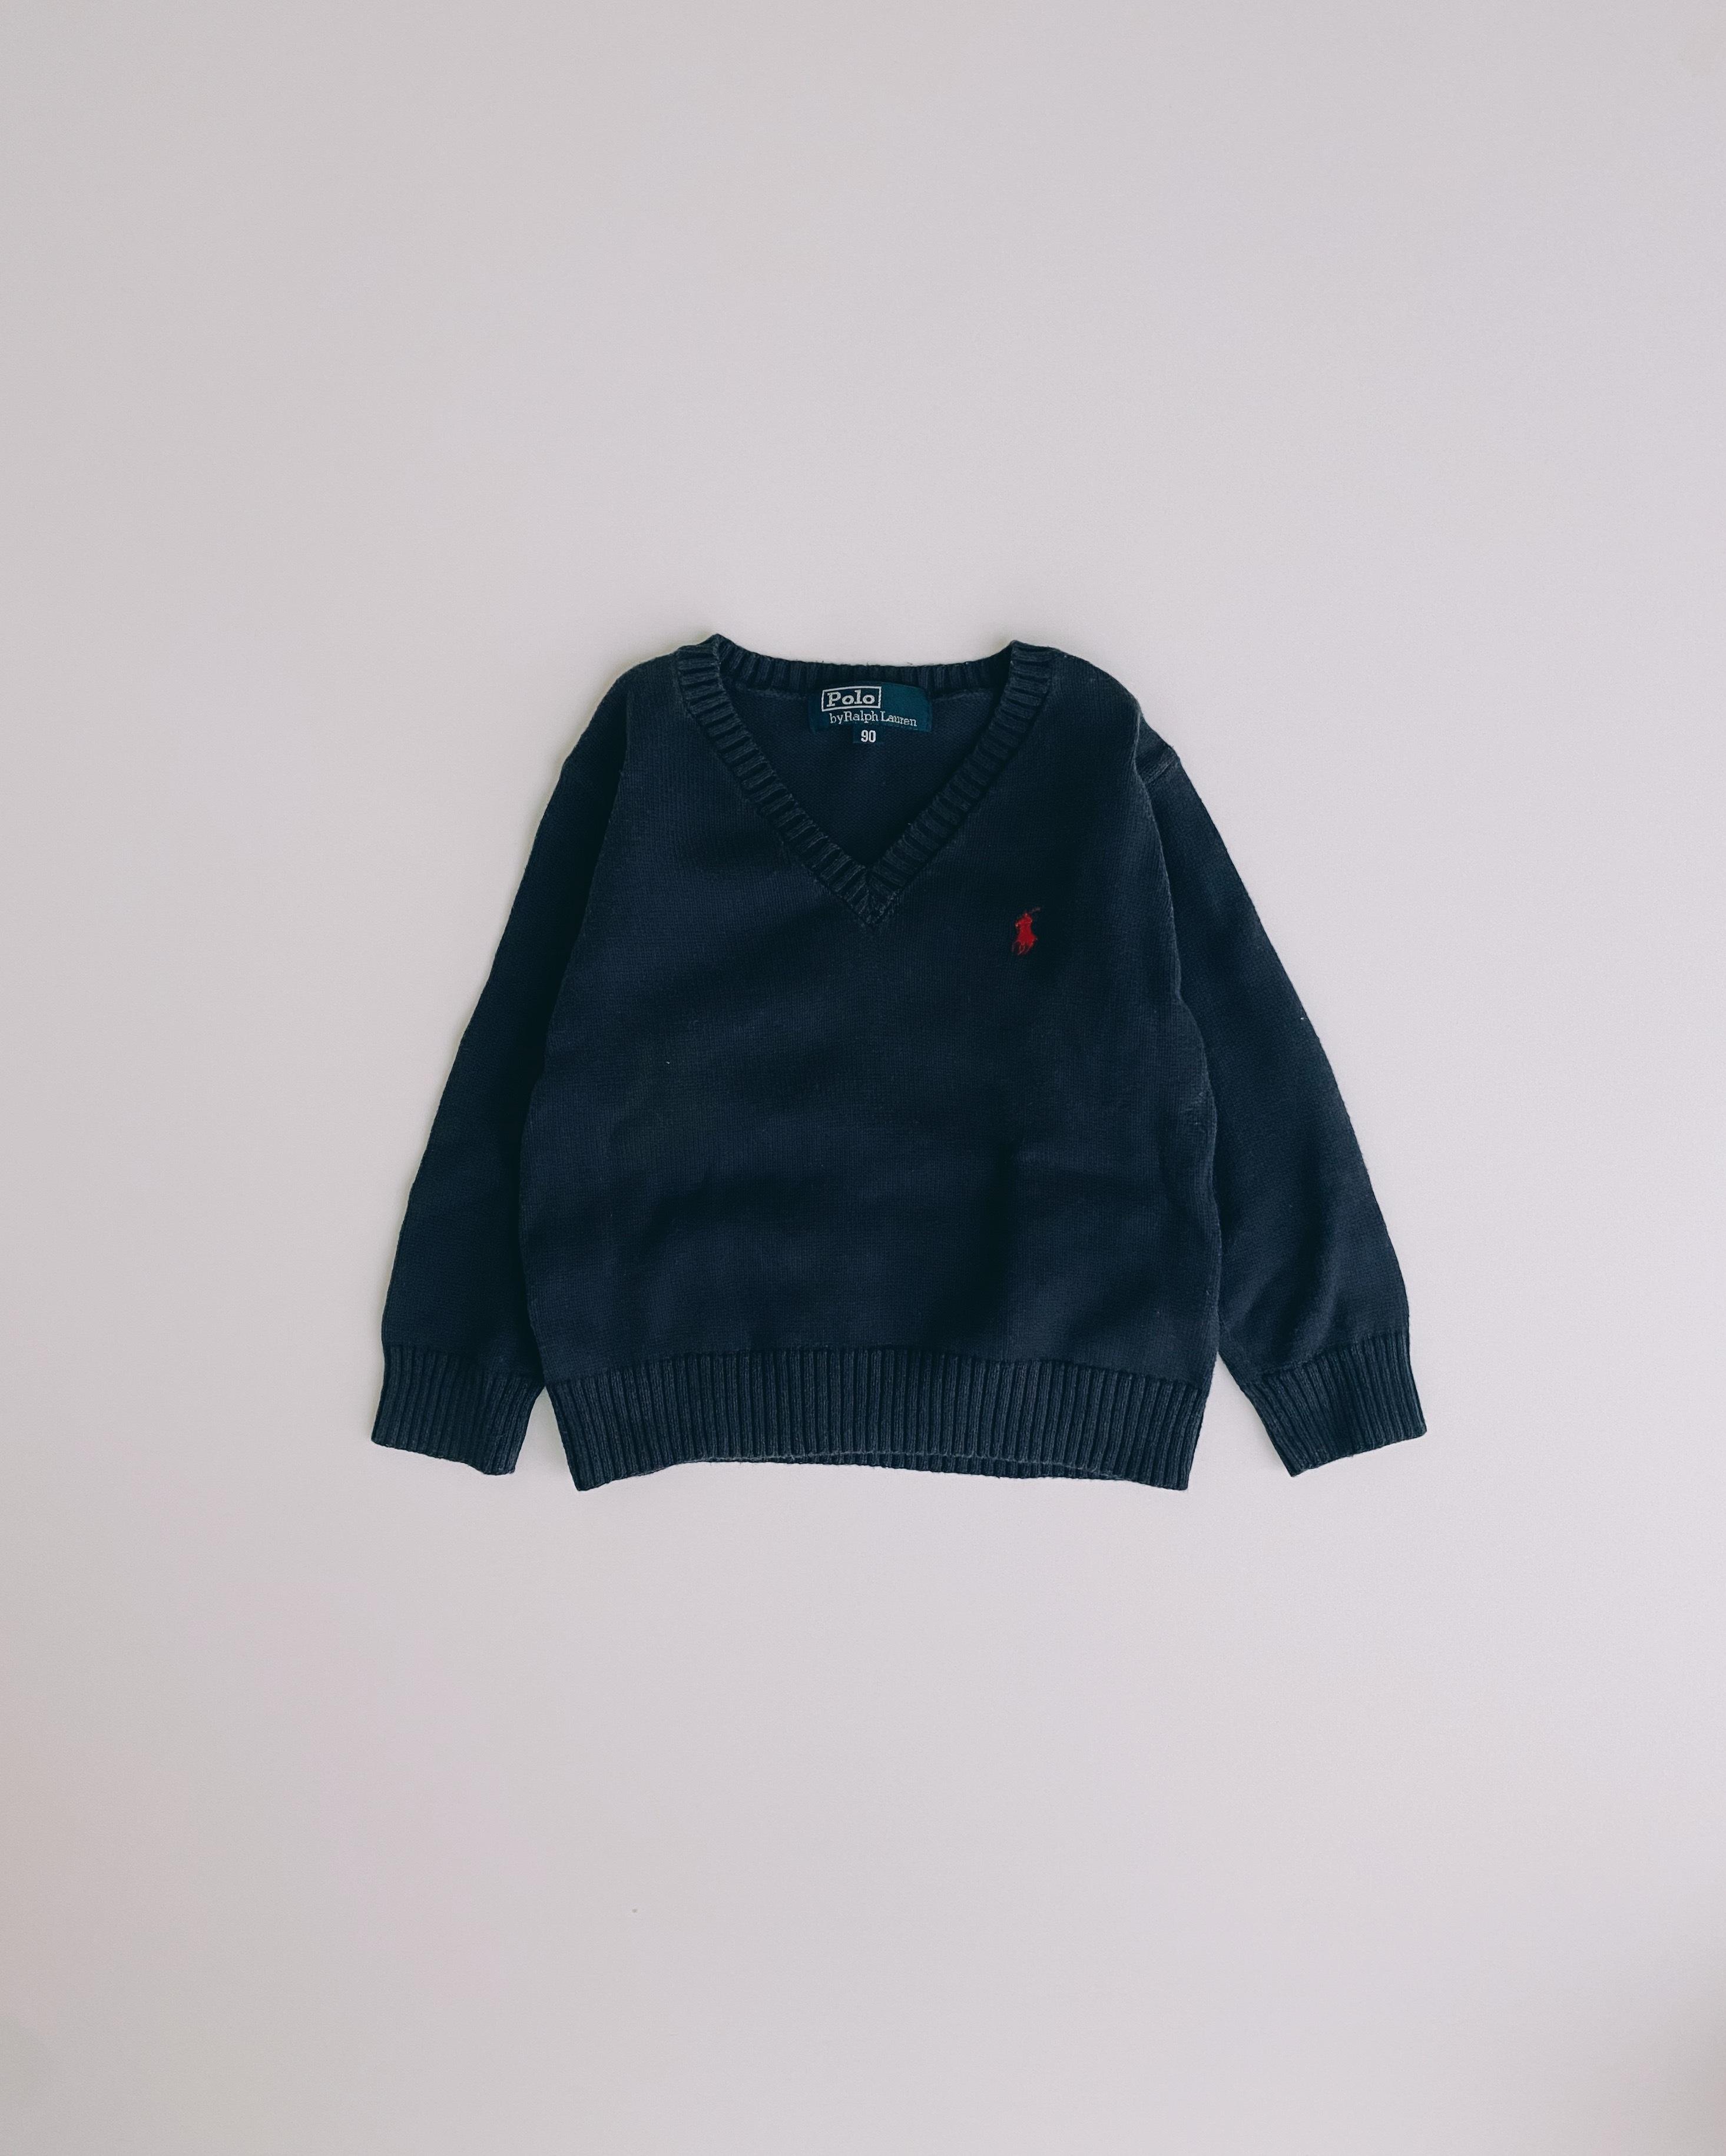 (KD200)90cm Polo Ralph Lauren cotton Vneck knit